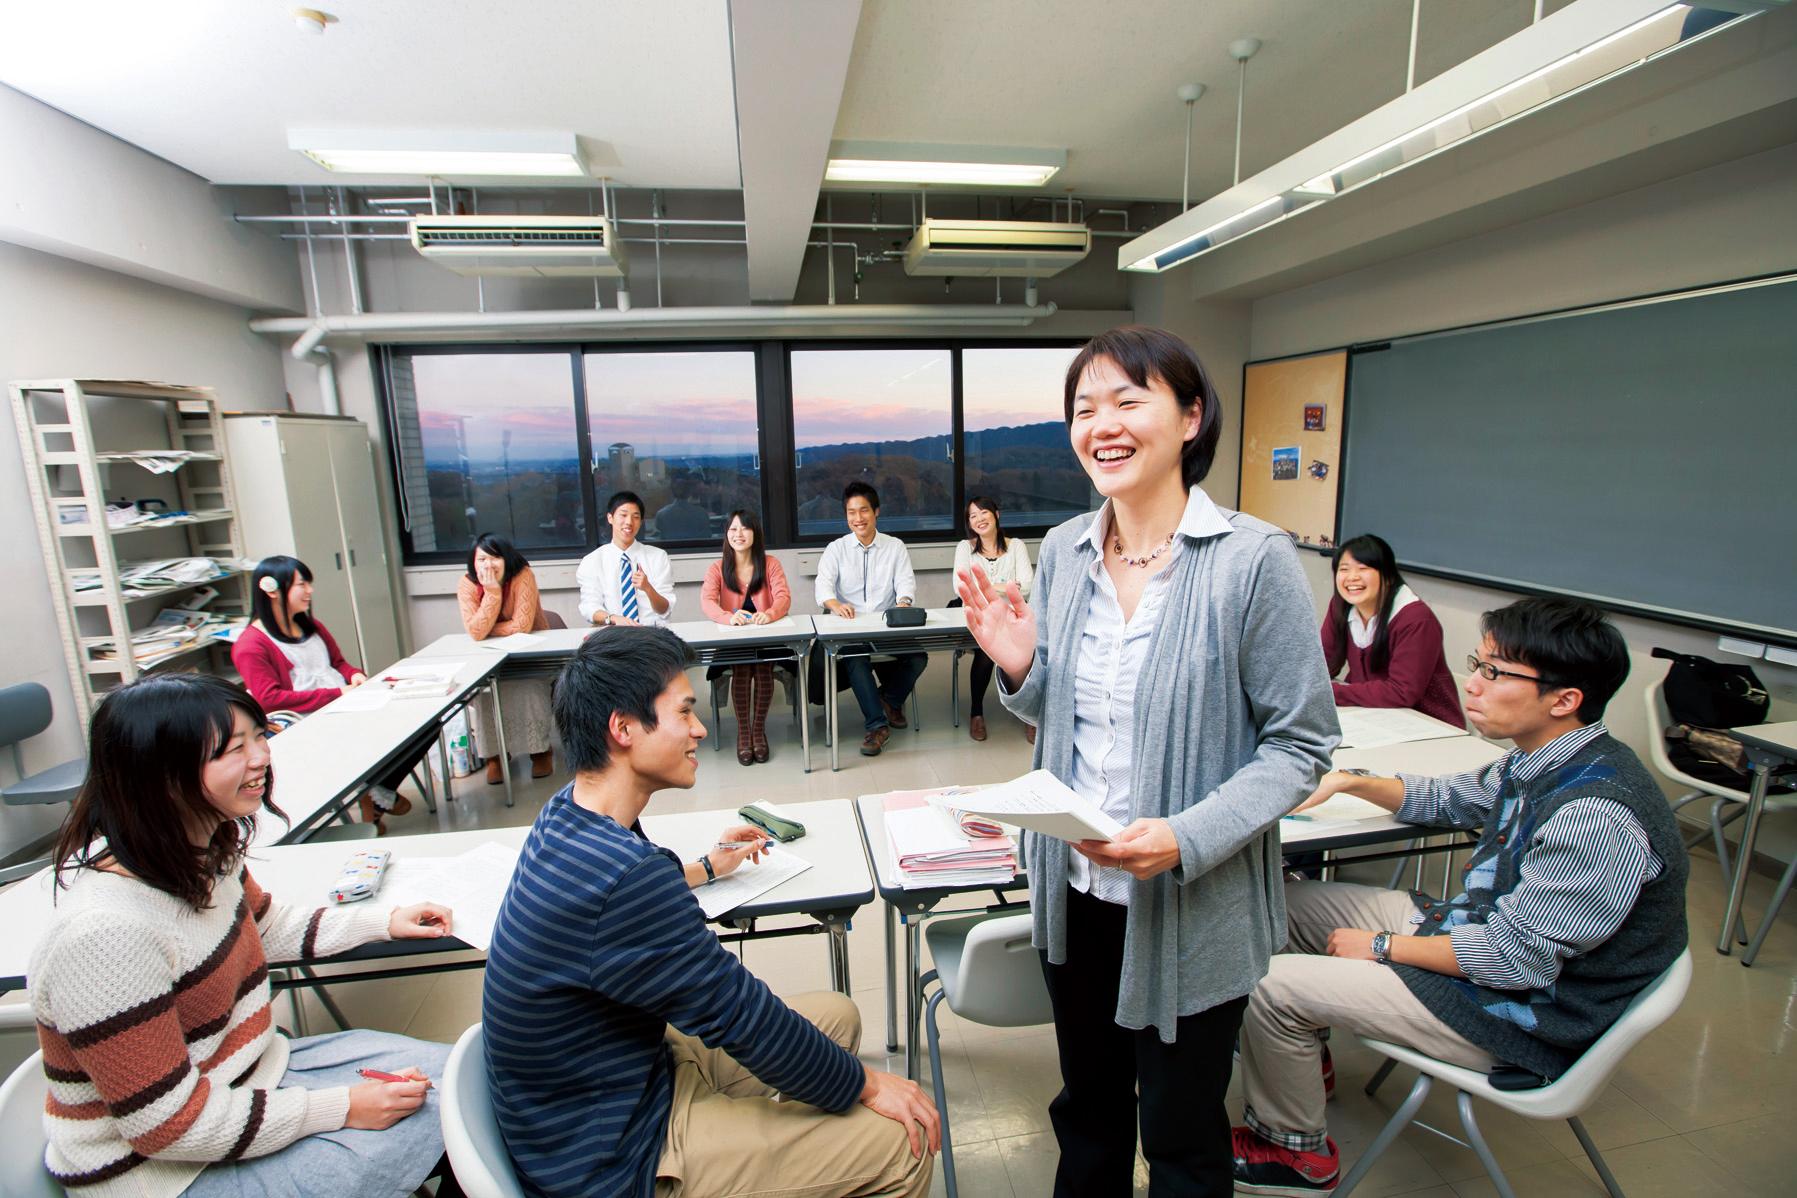 法政 大学 情報 ポータル 在学生の方へ – 法政大学 情報科学部